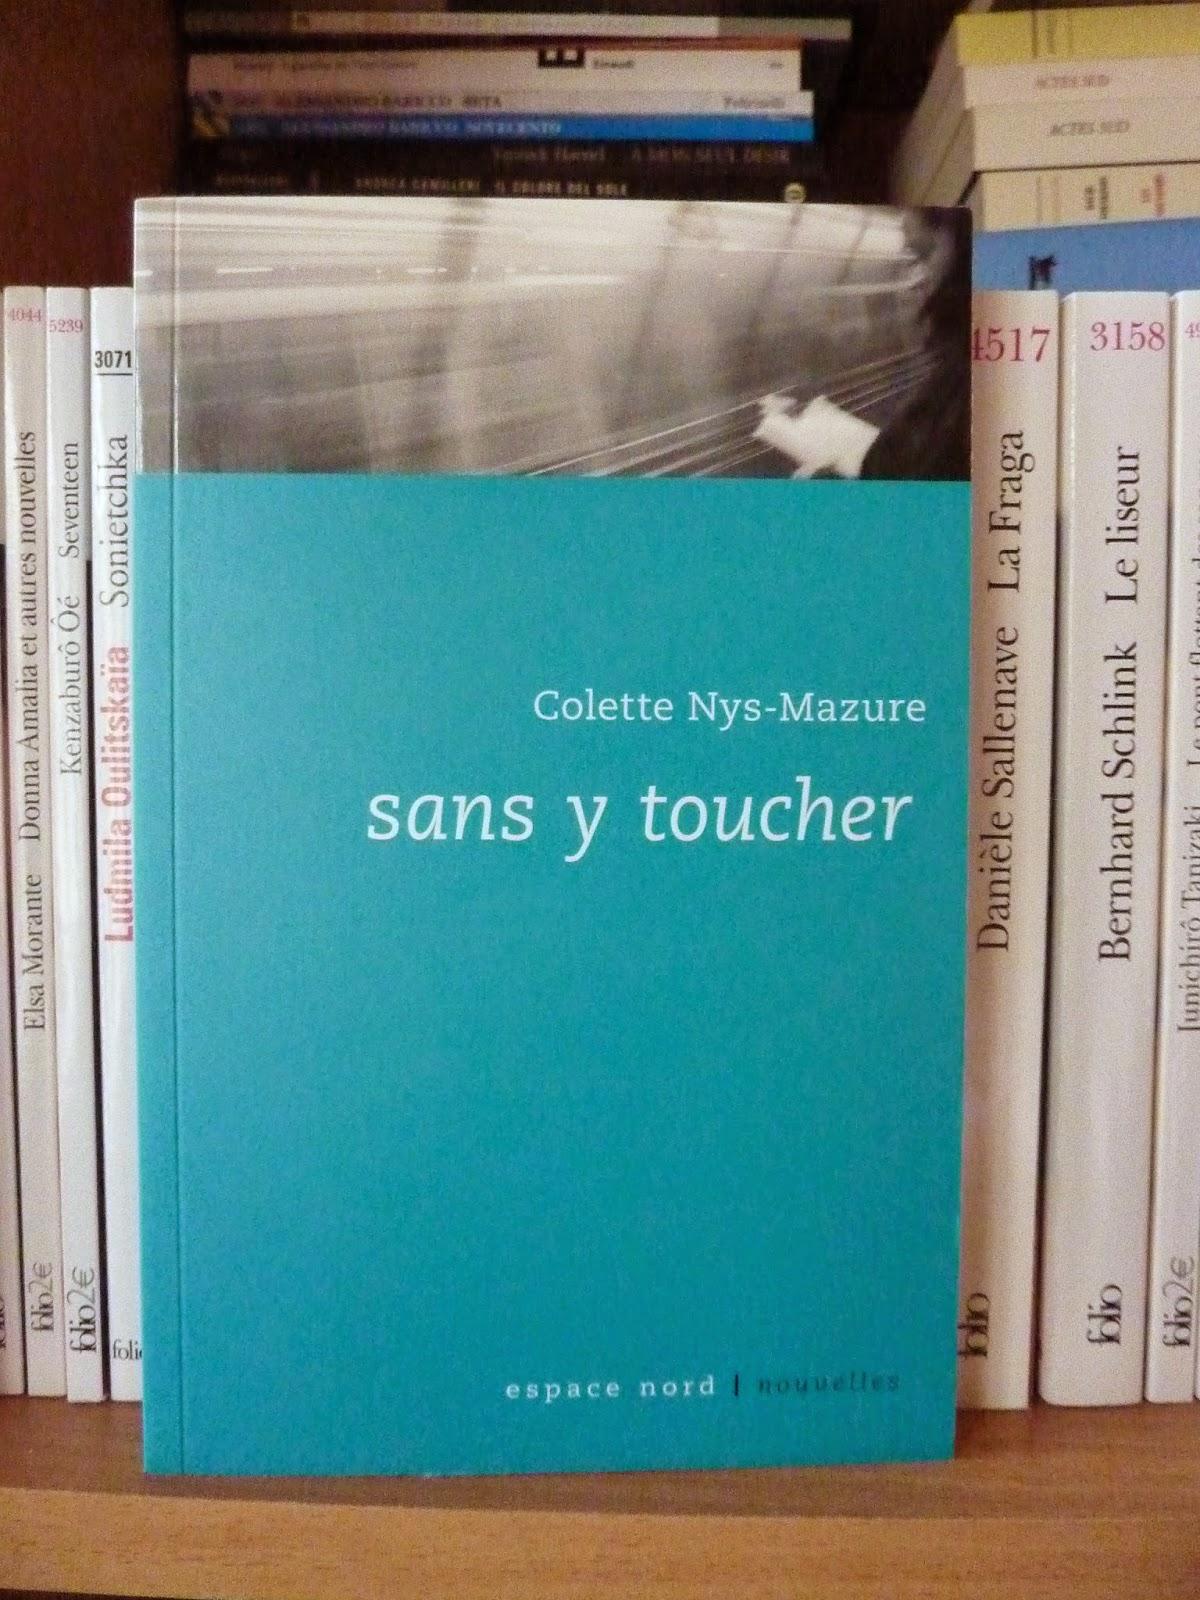 Sans y toucher - Colette Nys-Mazure